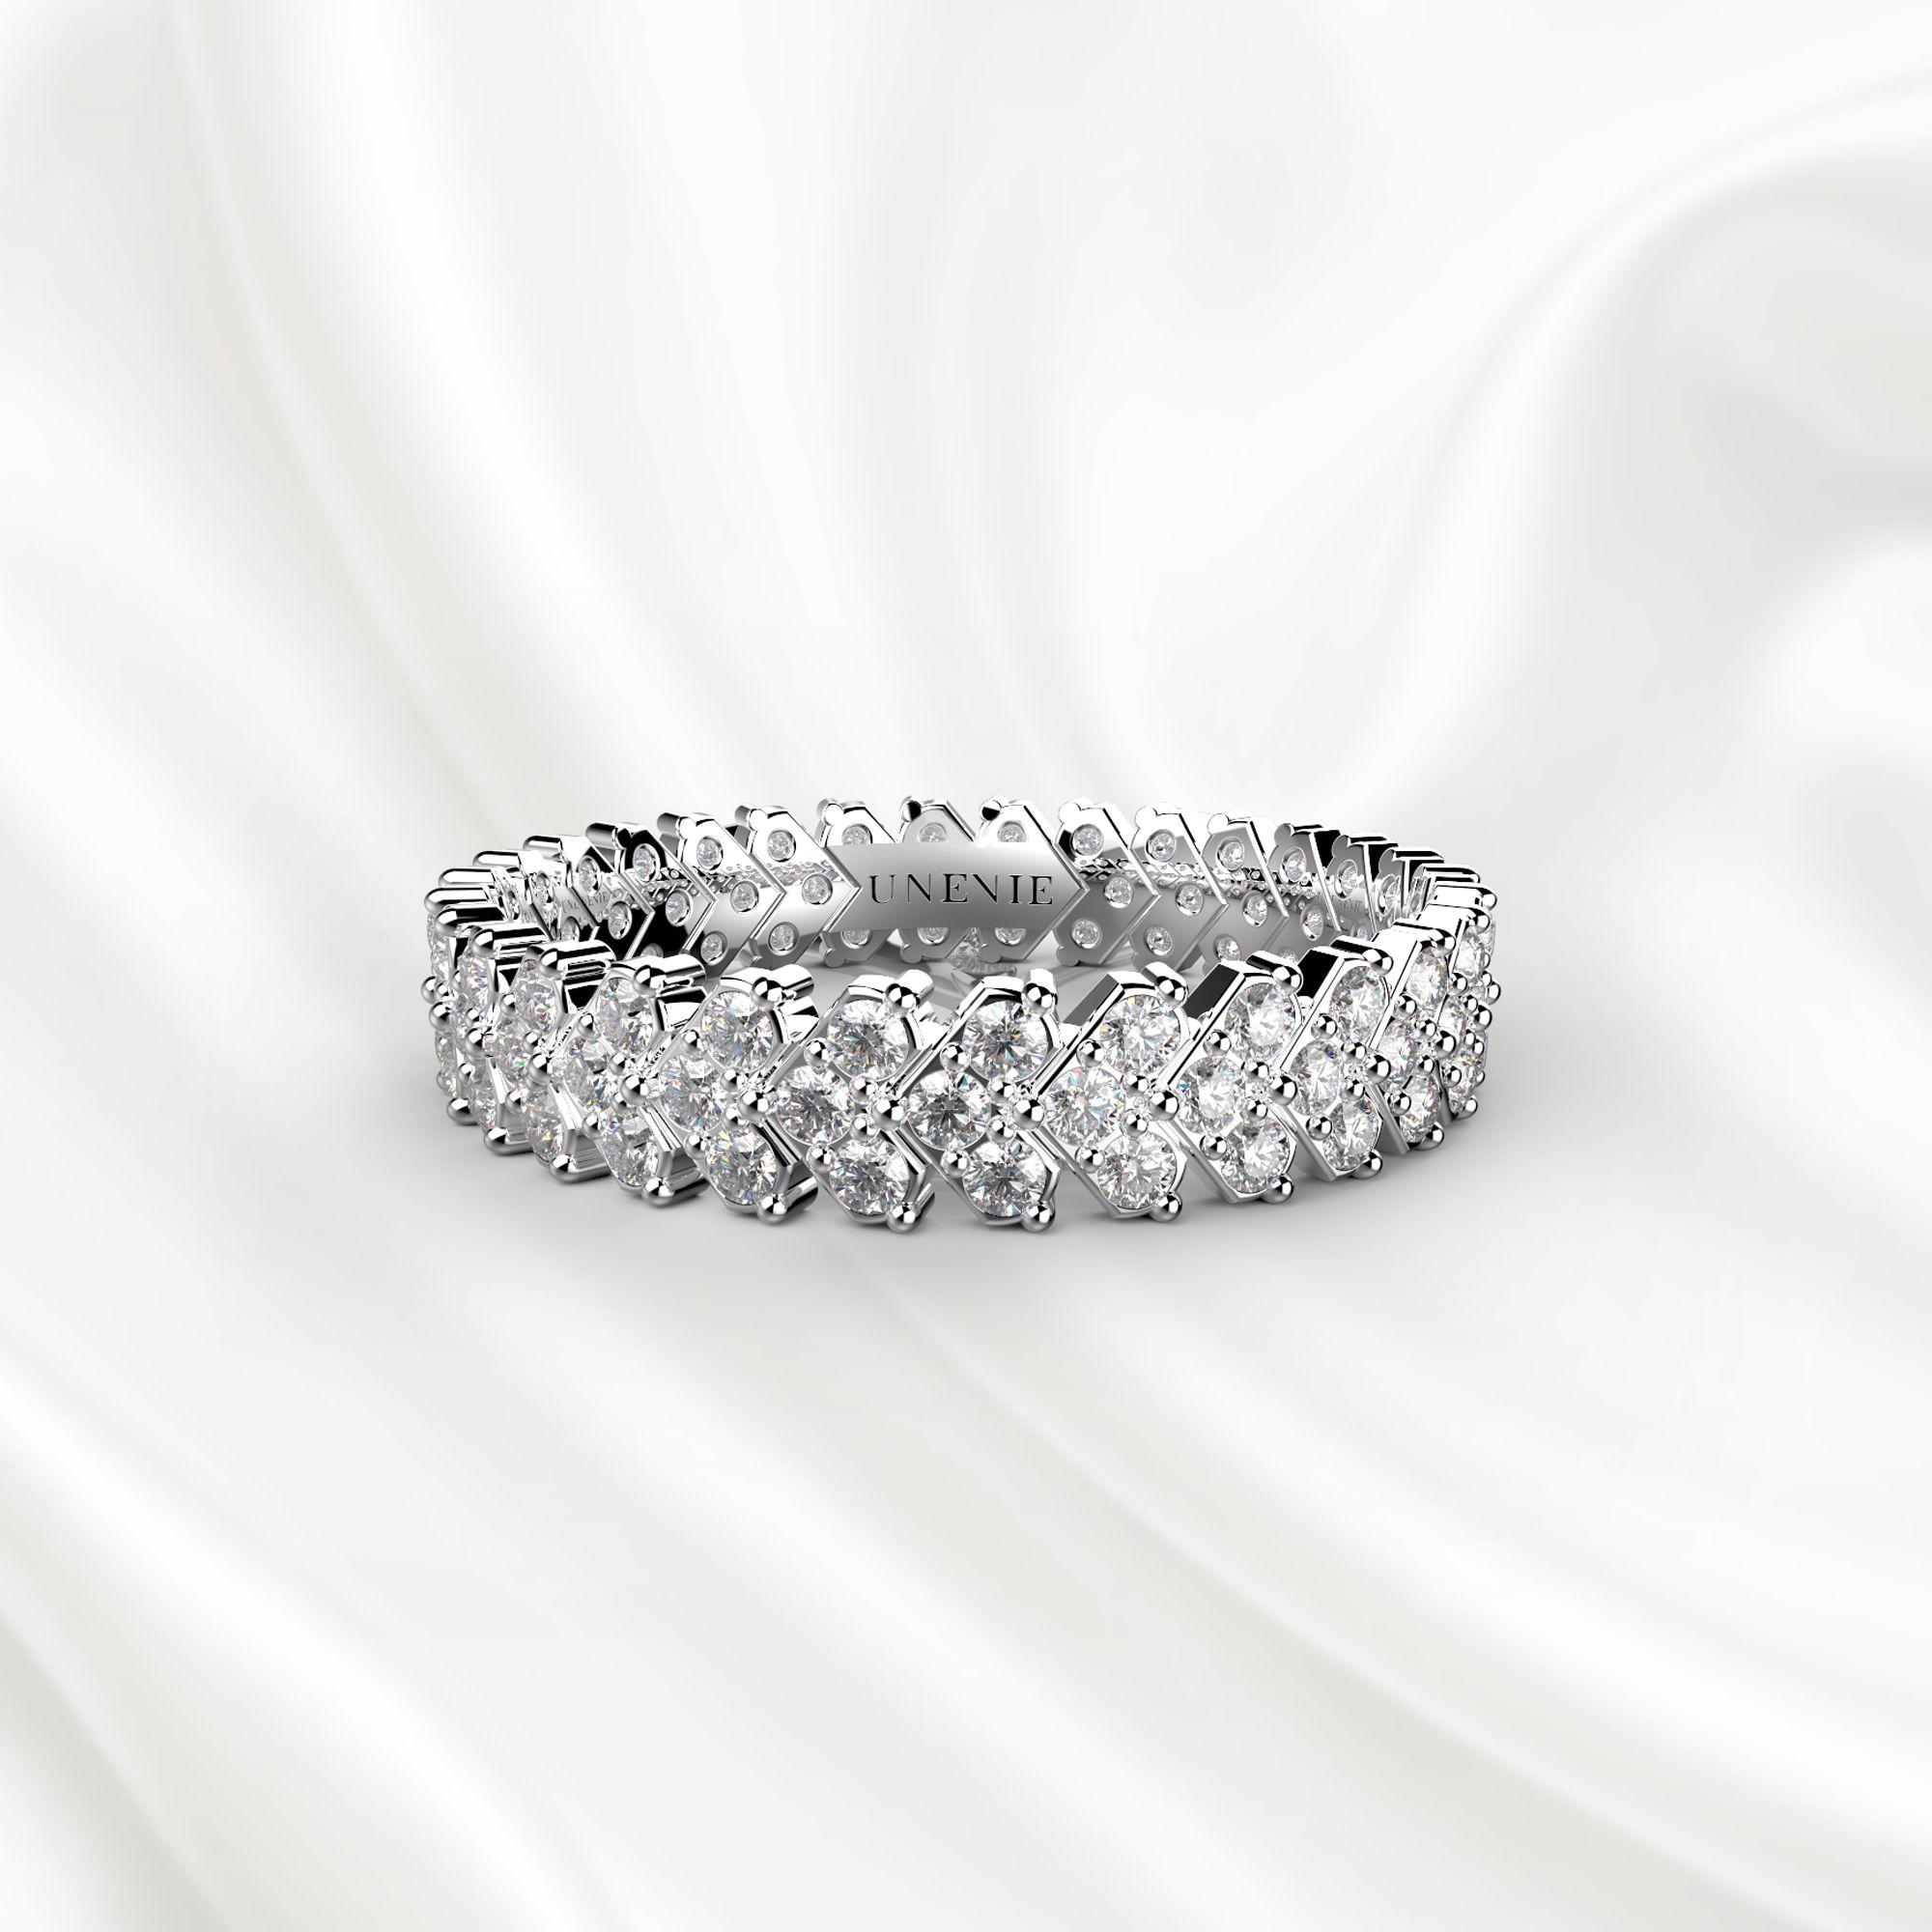 E9 Обручальное кольцо «ETERNITY» из белого золота